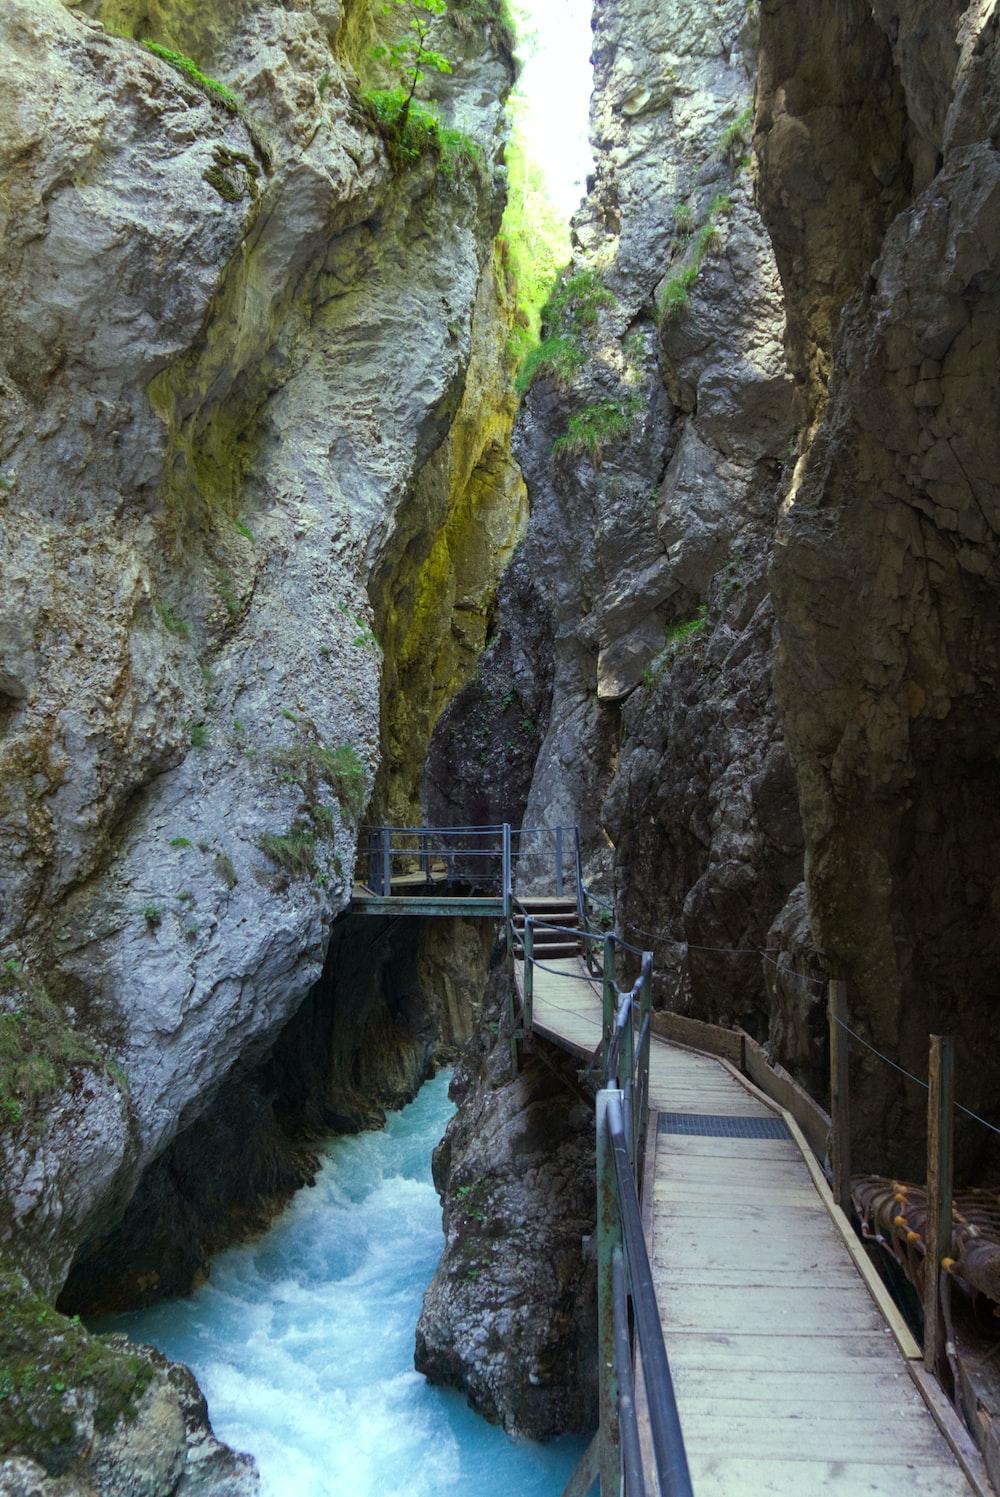 bridge under rock formation during daytime